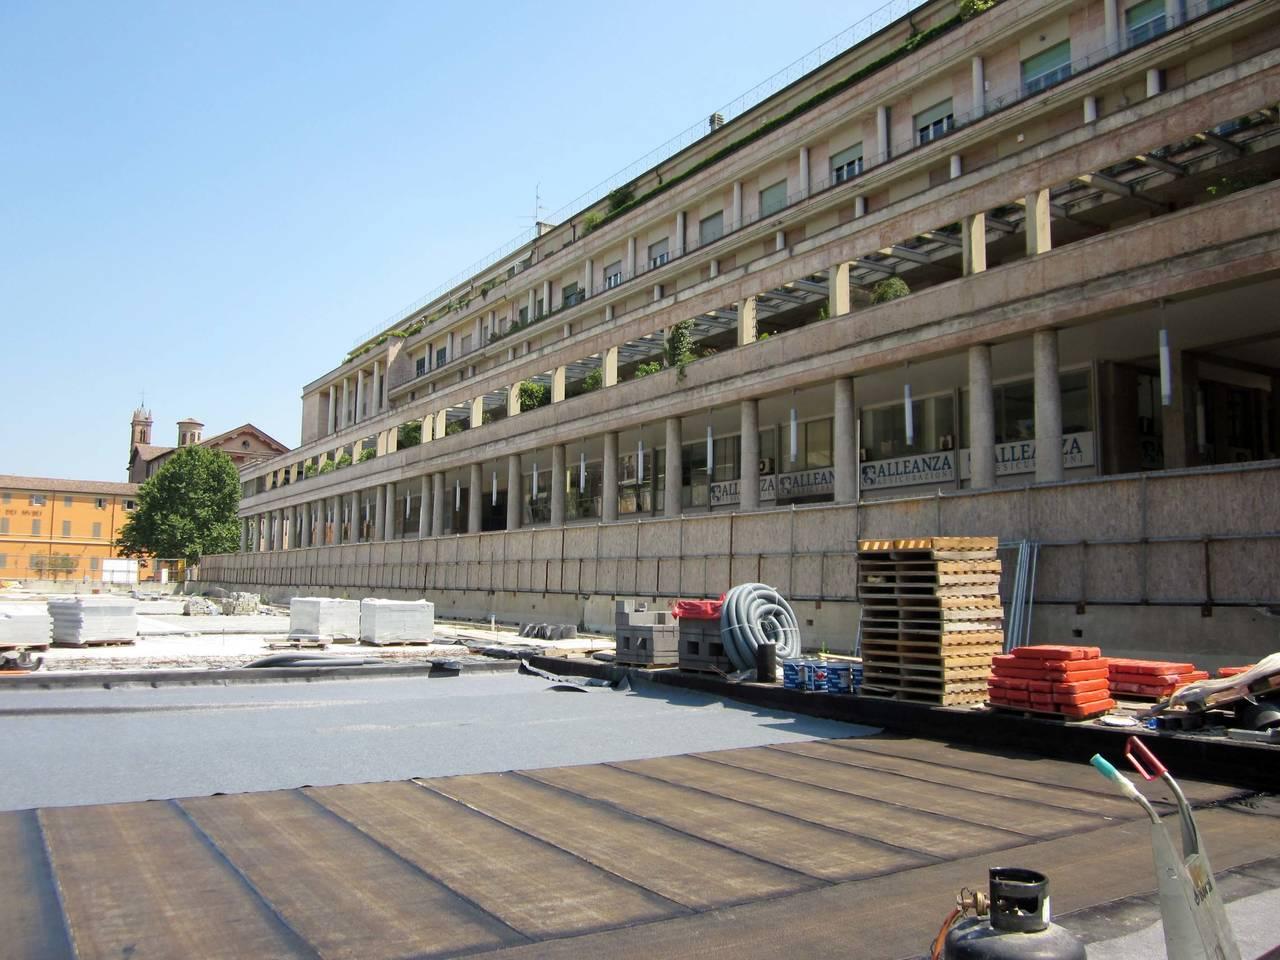 Lecablocco Tagliafuoco per un parcheggio a Reggio Emilia